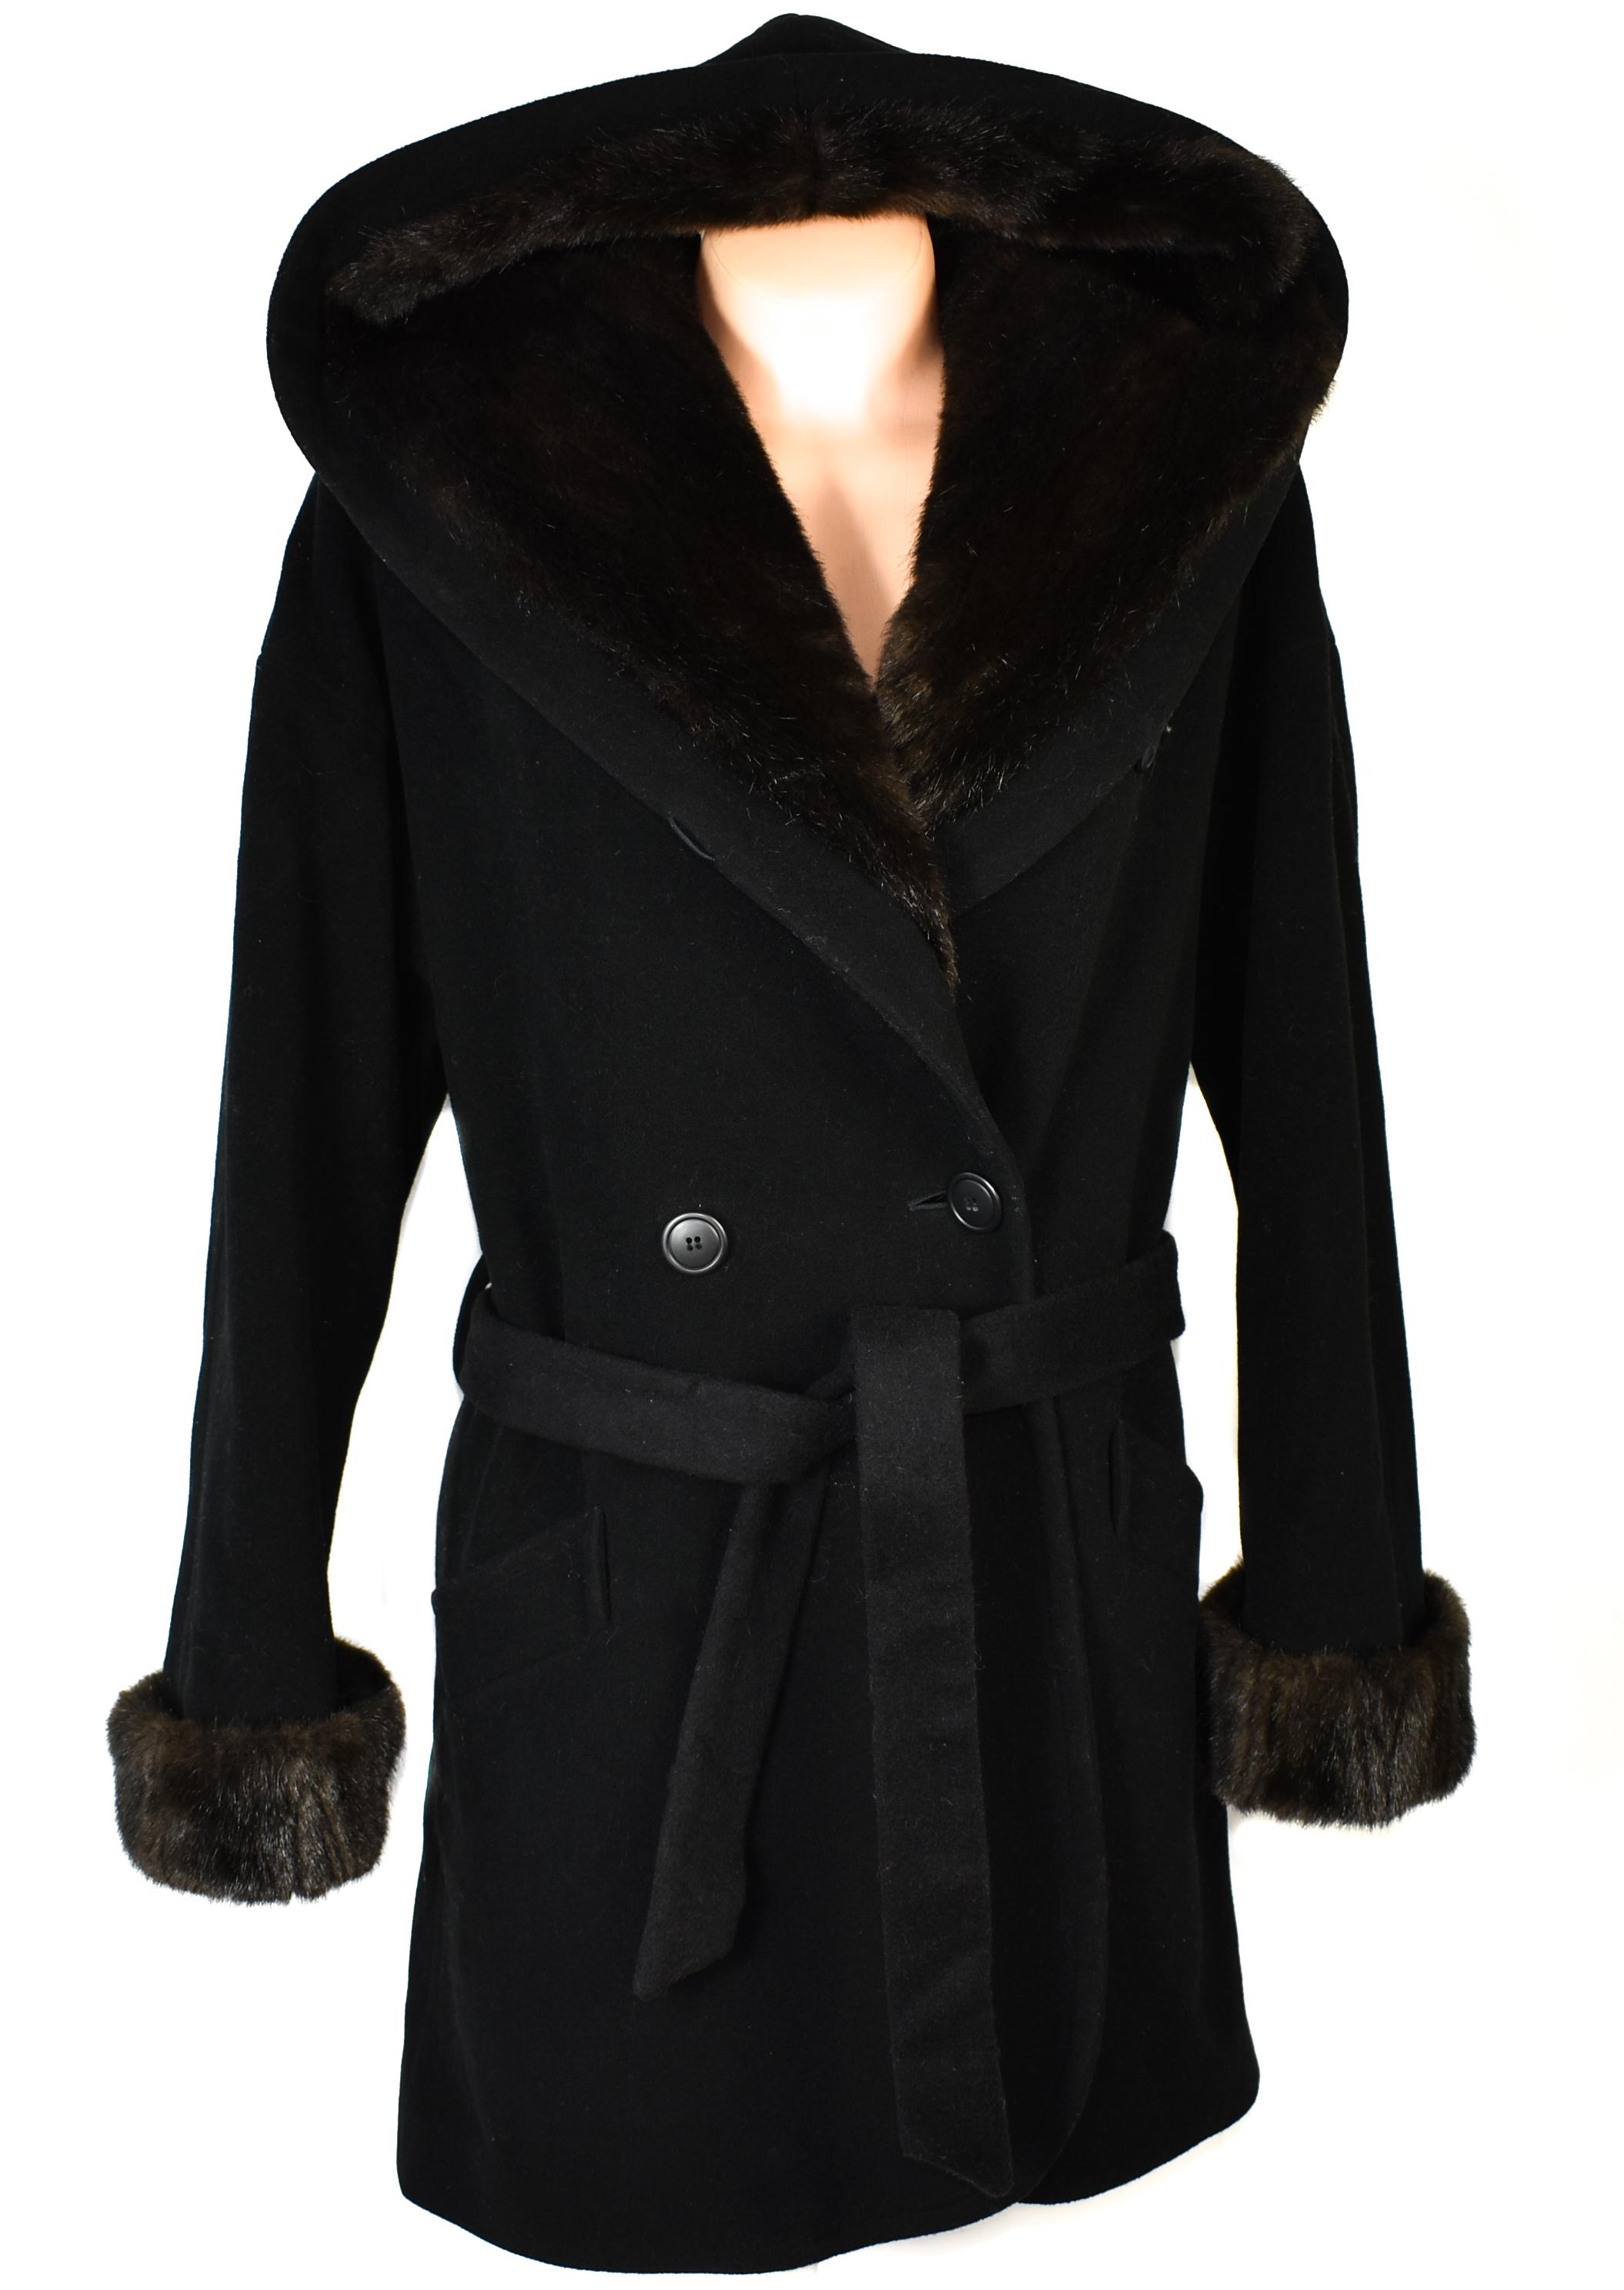 Vlněný (70%) dámský černý kabát s páskem a kapucí Bellandi Italy (vlna, kašmír) XXL+